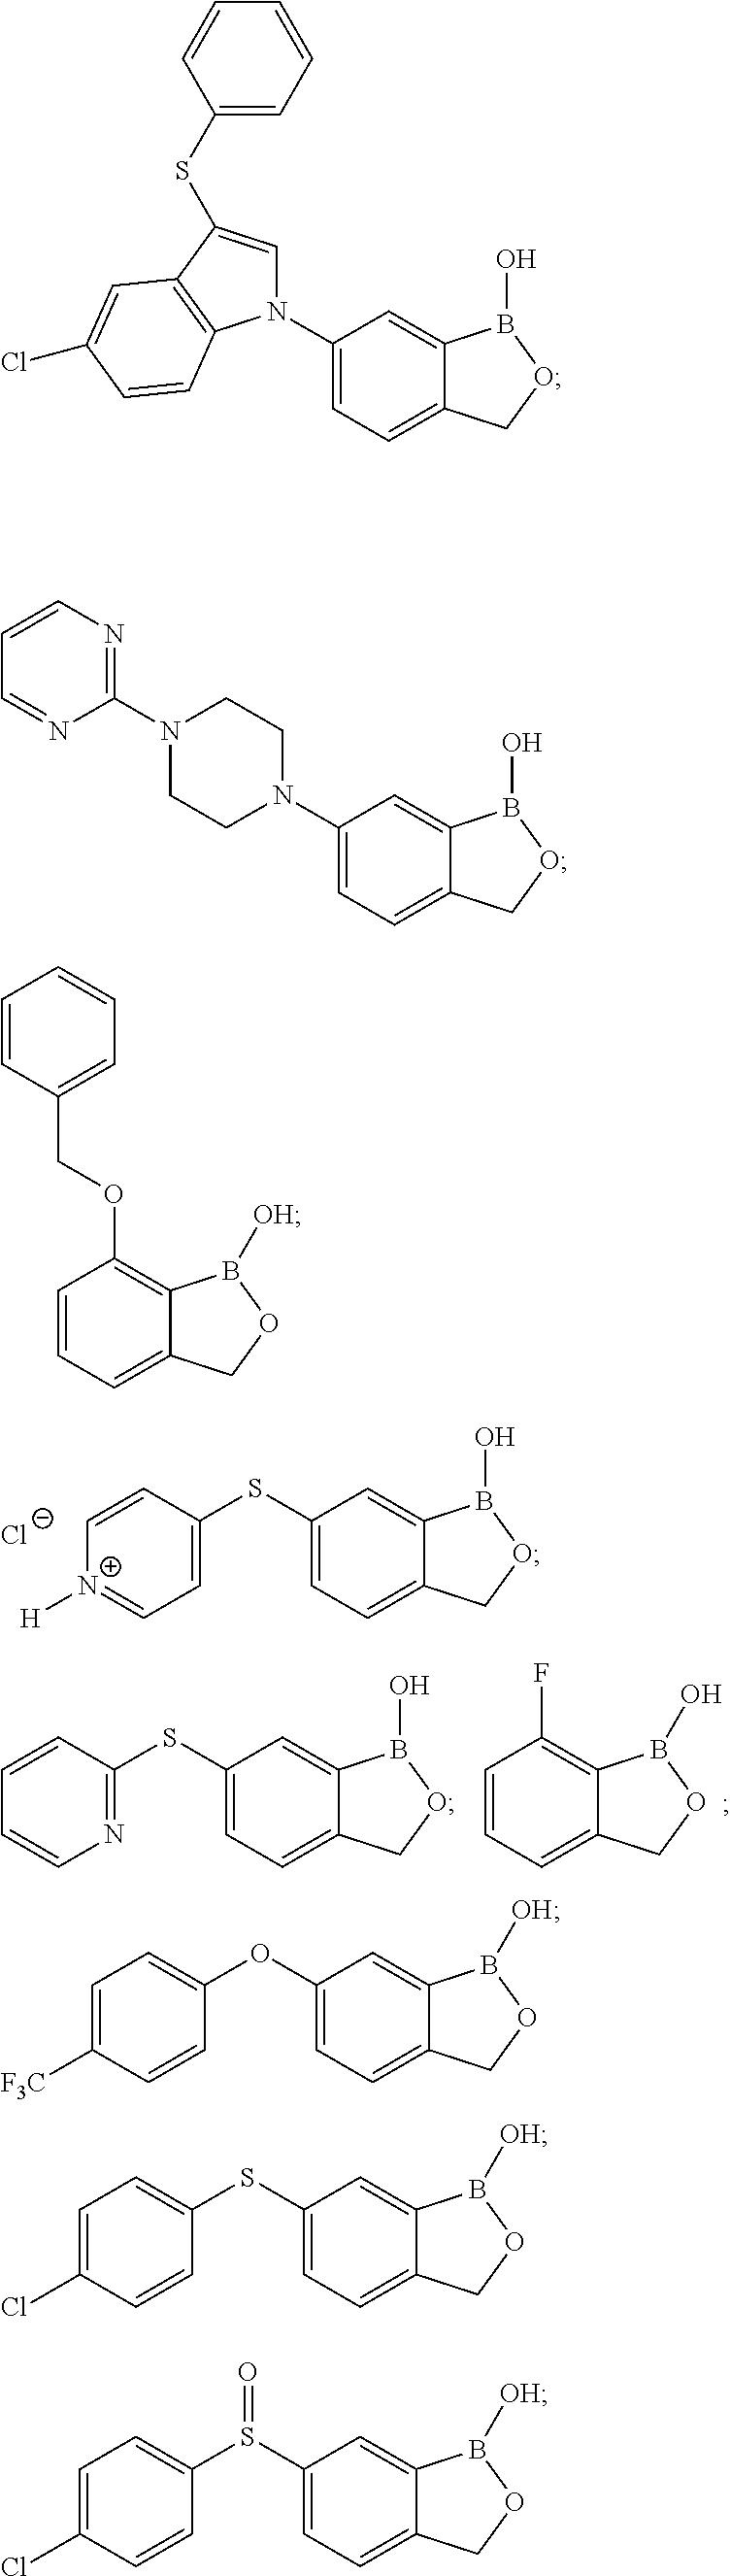 Figure US09566289-20170214-C00155